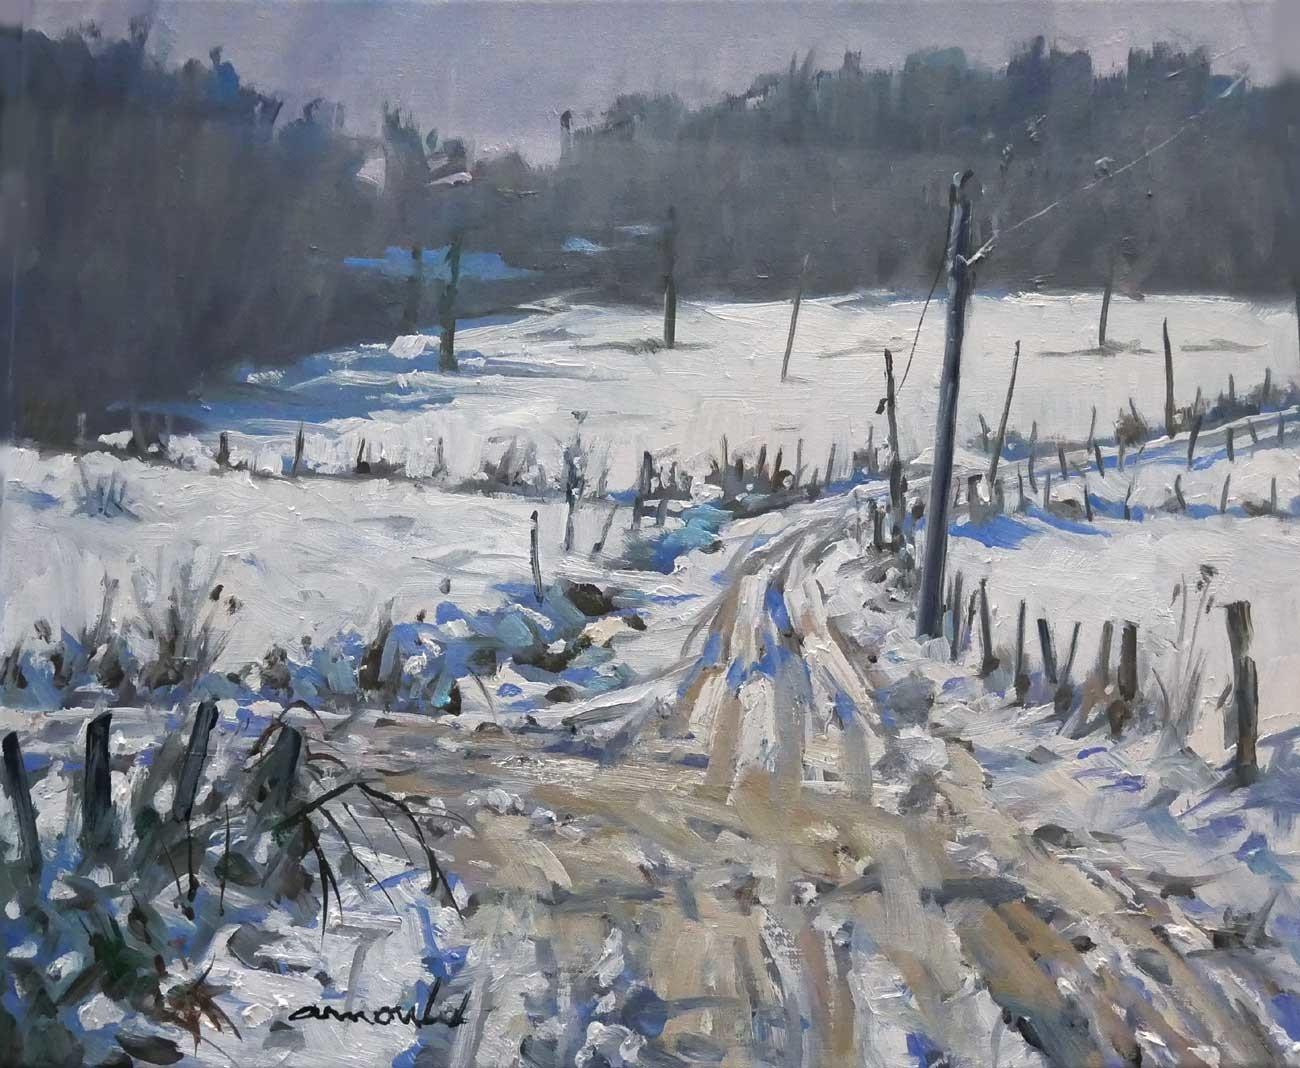 Christian Arnould - Chemins enneigés à Flavigny (huile sur toile 55 x 46)